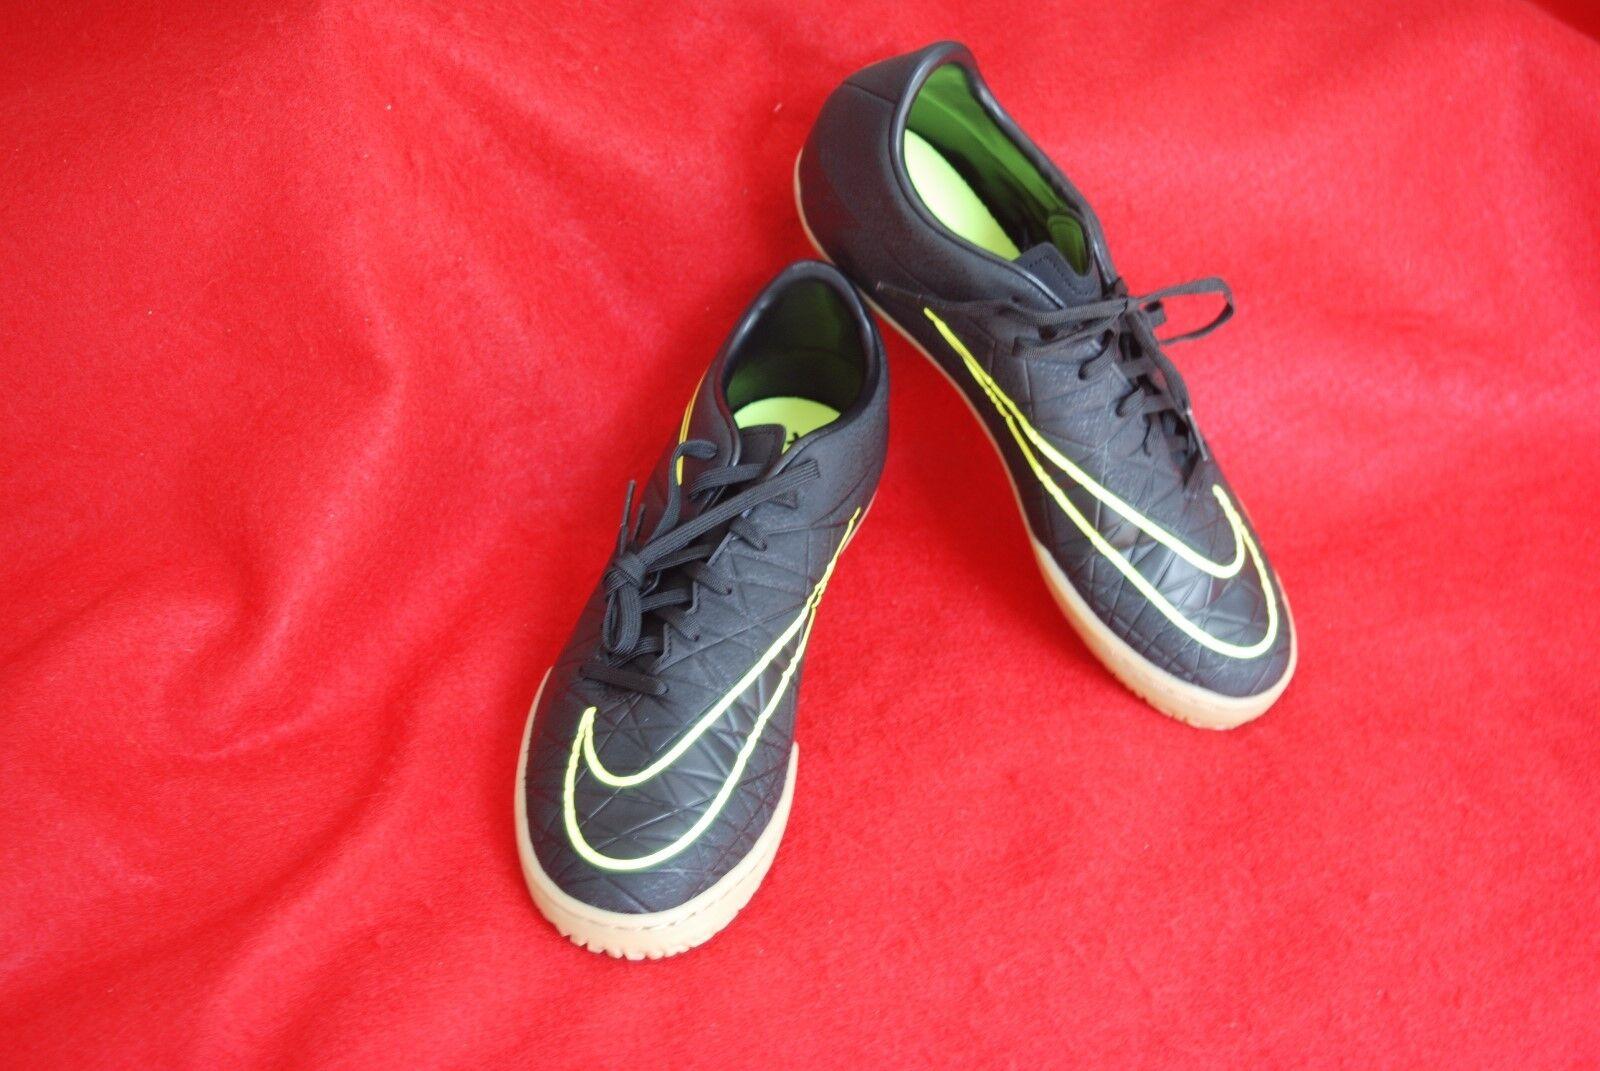 Nike Hypervenom Phelon II IC Indoor Men's Soccer Shoe 749898-009 Comfortable Great discount